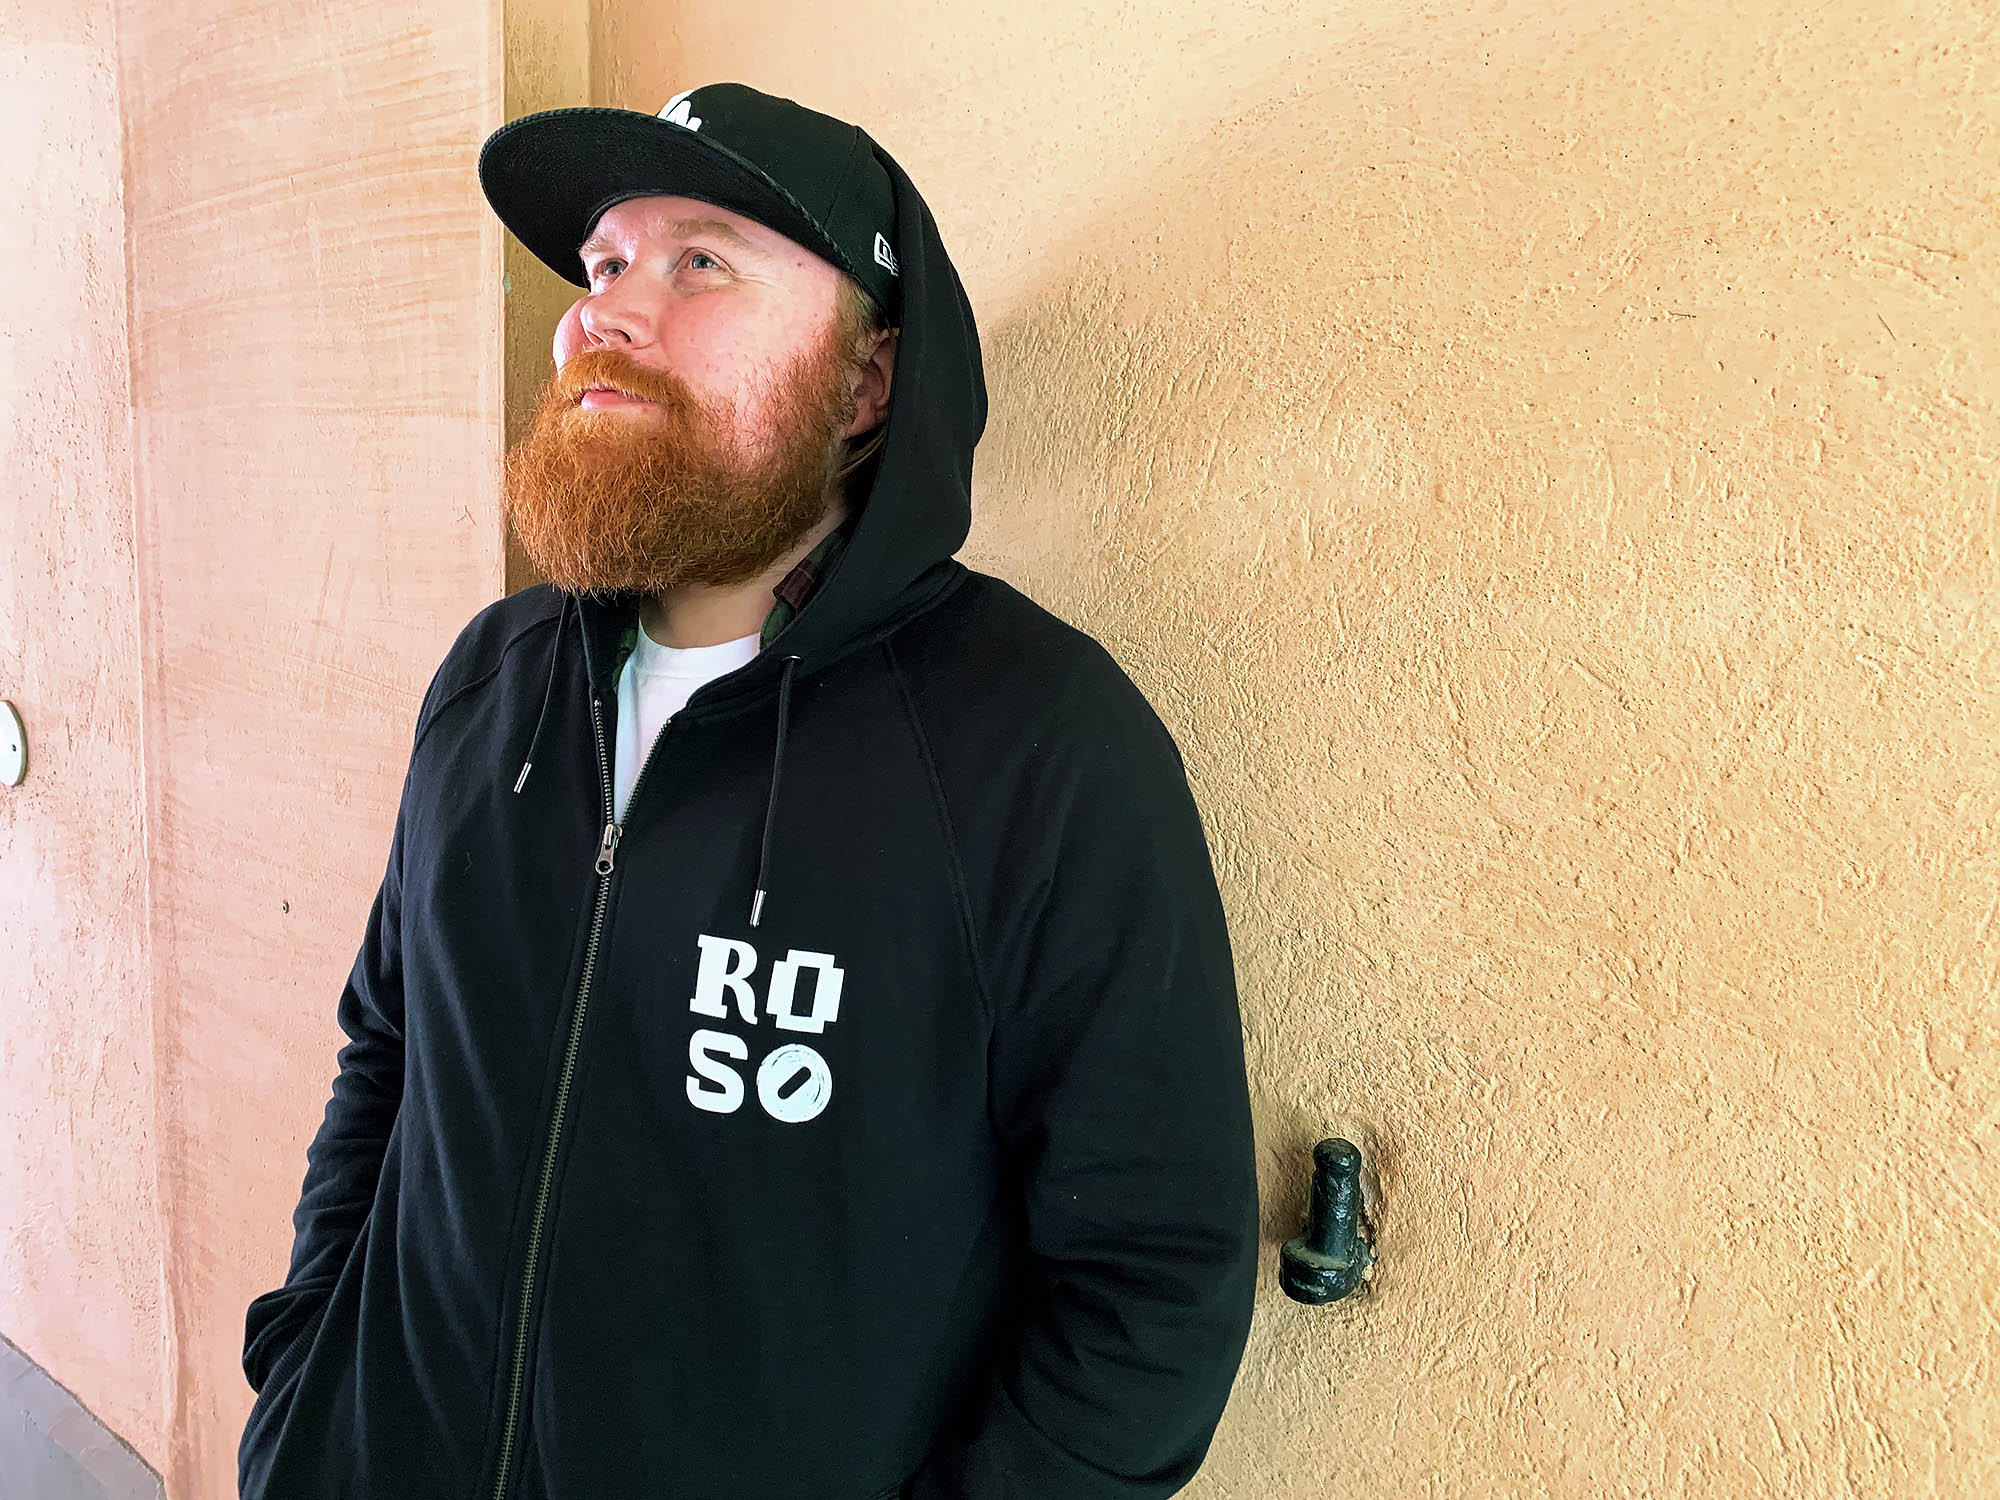 Punapartainen, kolmikymppinen ja mustaan Roso-logolla varustettuun huppariin pukeutunut mies nojailee kellanväriseen seinään porttikäytävässä. Hän katselee mietteliäänä yläviistoon.